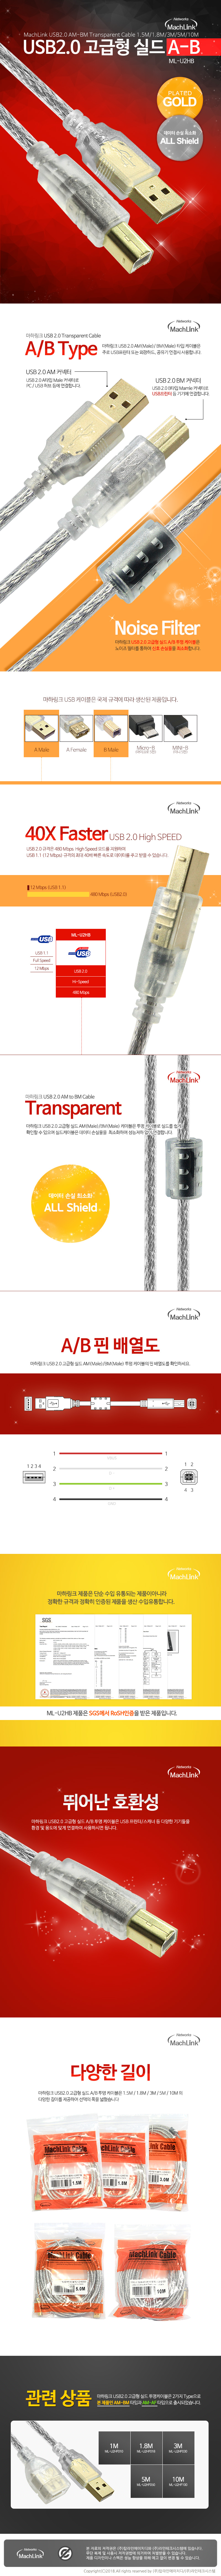 마하링크 USB2.0 Type B 고급형 실드 케이블 (ML-U2HB) (1.8m)